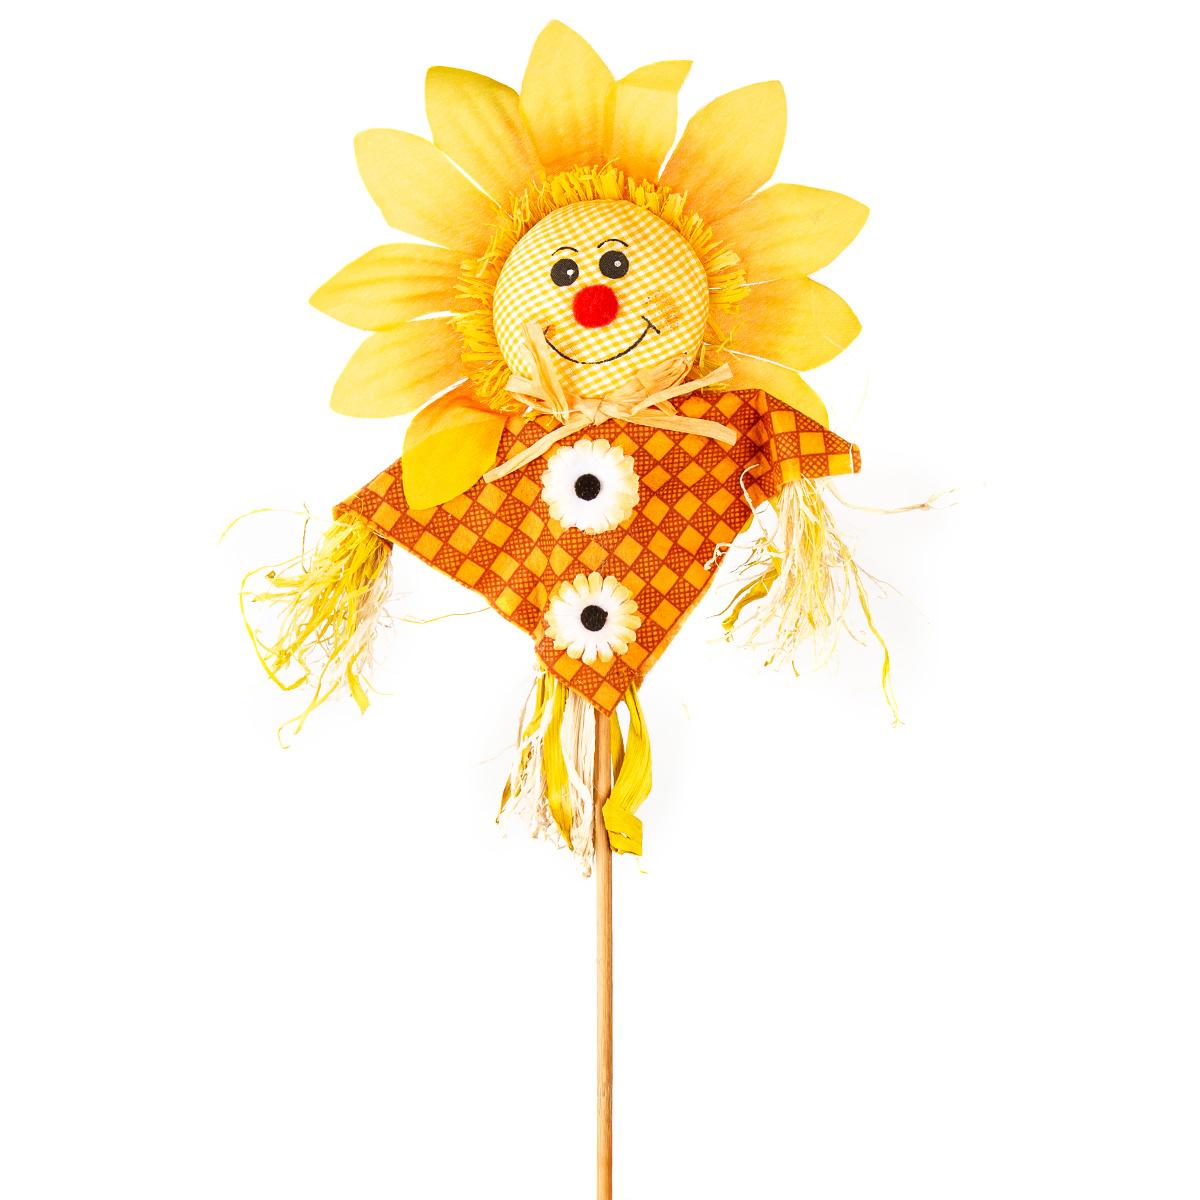 Zápich Strašák slunečnice žlutá, 53 cm